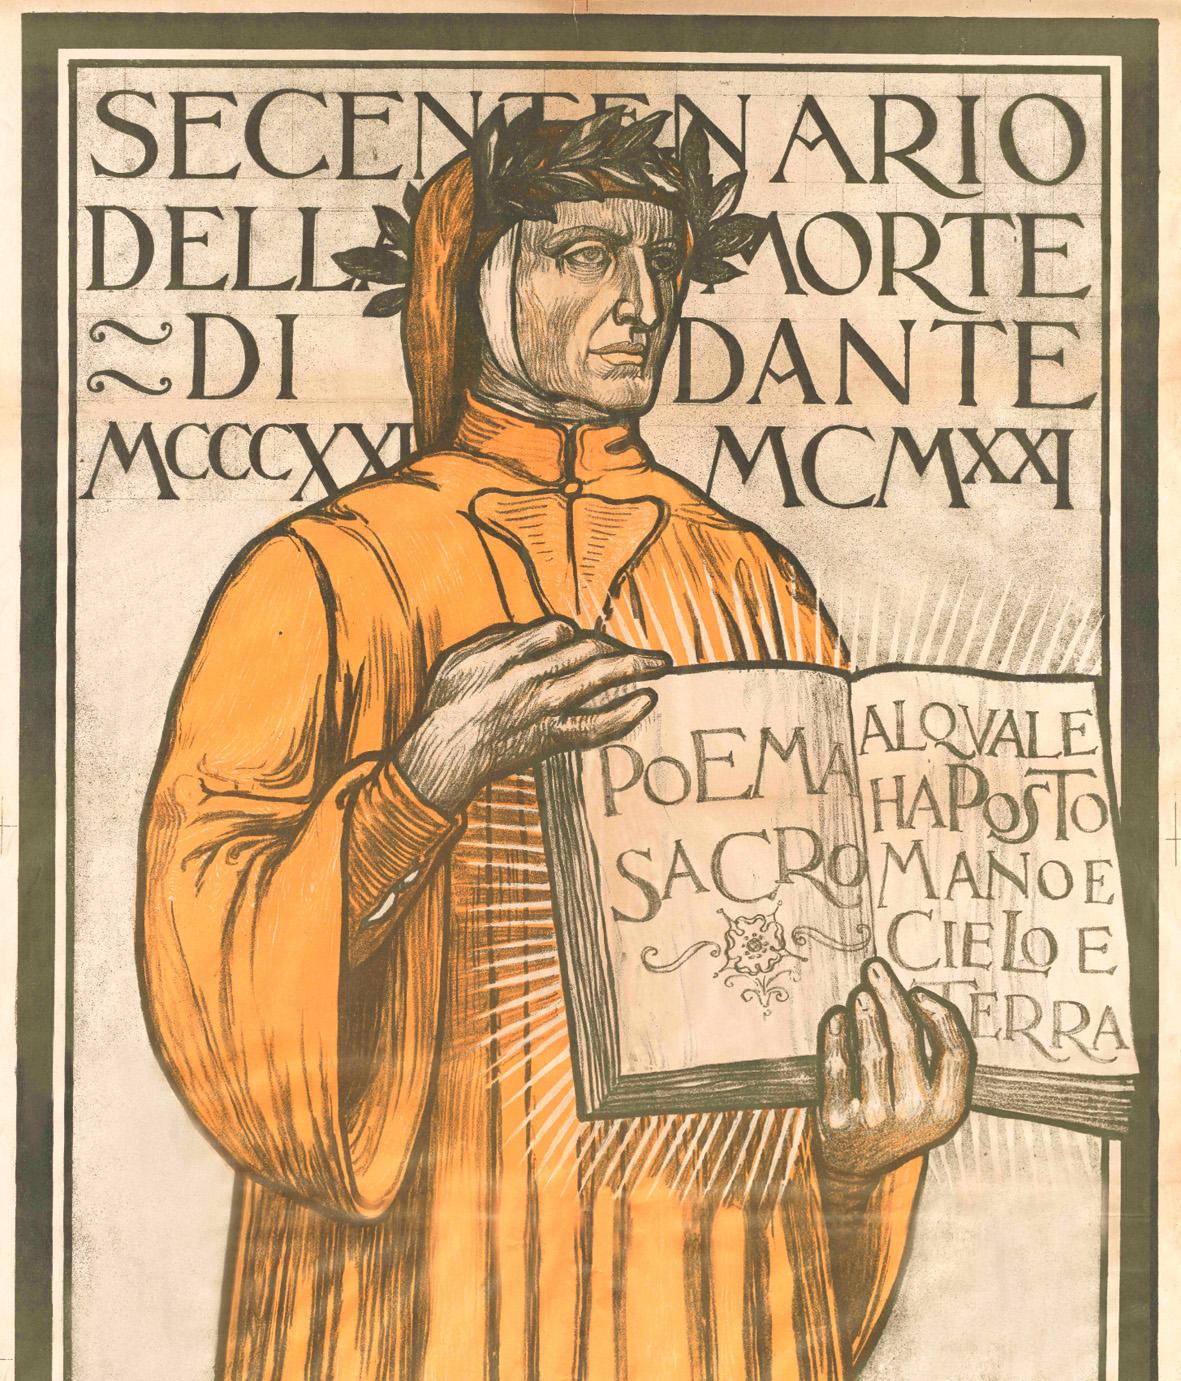 Galileo Chini, Secentenario della morte di Dante Alighieri 1321-1921, manifesto ufficiale delle celebrazioni, dettaglio